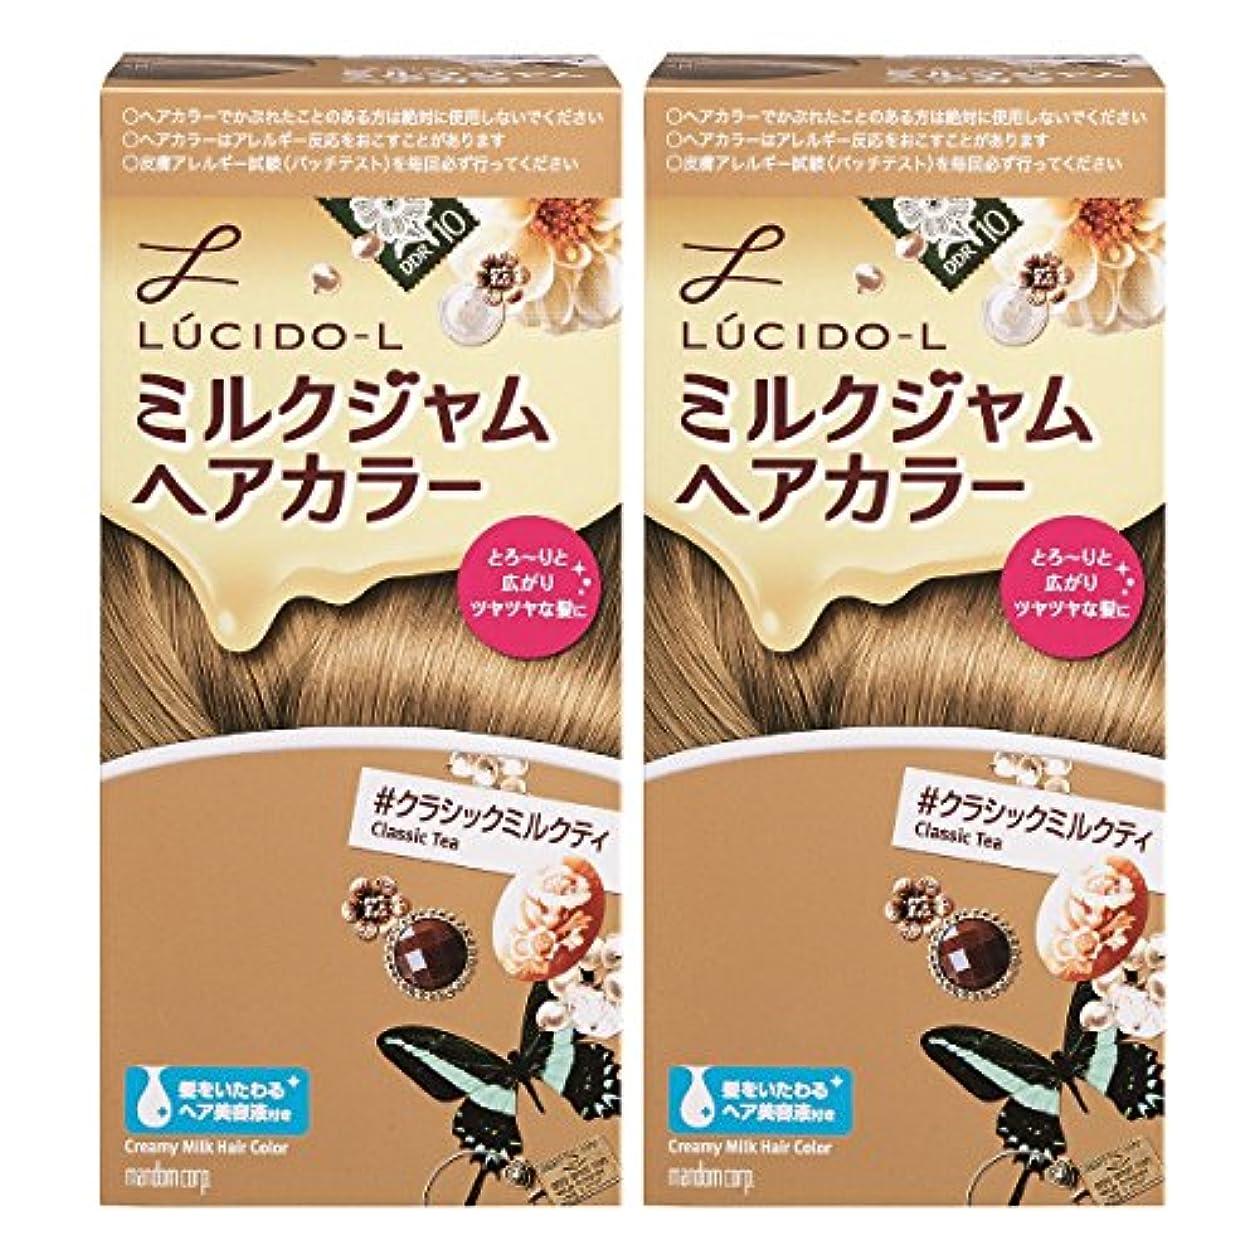 モロニックピック有害な【まとめ買い】LUCIDO-L (ルシードエル) ミルクジャムヘアカラー #クラシックミルクティ×2個パック(医薬部外品)